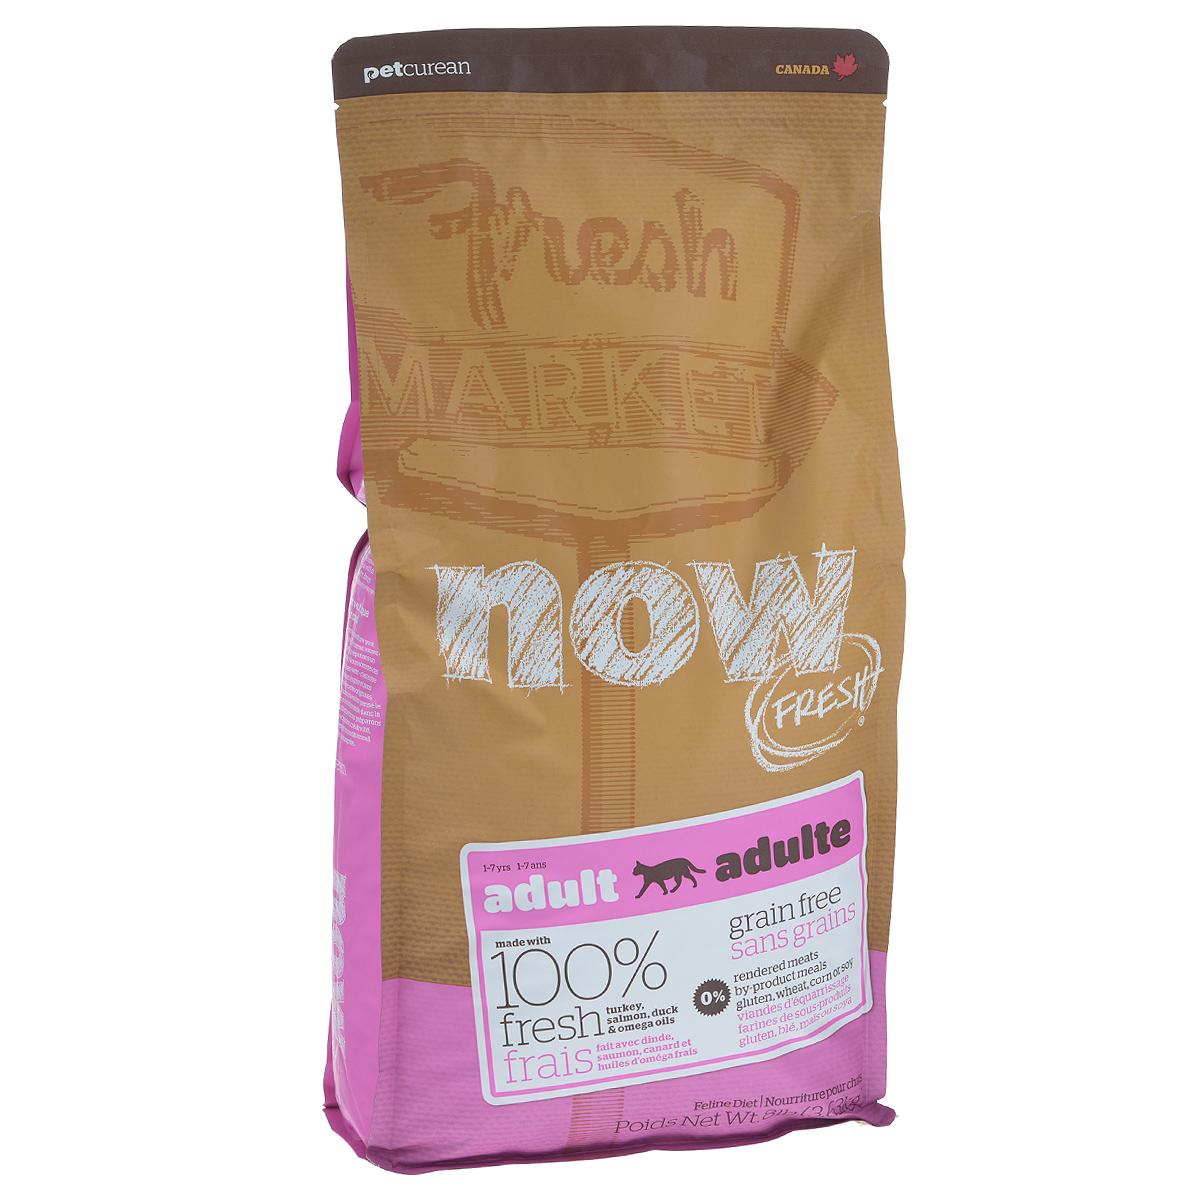 Корм сухой Now Fresh для взрослых кошек, беззерновой, с индейкой, уткой и овощами, 3,63 кг20043Now Fresh - полностью сбалансированный холистик корм из свежего филе индейки и утки,выращенных на канадских фермах. Рекомендован для взрослых кошек. При производстве кормовиспользуется только свежее мясо индейки, утки, лосося, кокосовое и рапсовое масло. Этопервый беззерновой корм со сбалансированным содержание белков и жиров. Ключевые преимущества: - полностью беззерновой,- не содержит субпродуктов, красителей, говядины, мясных ингредиентов, выращенных нагормонах, - оптимальное соотношение белков и жиров помогает кошек оставаться здоровым и сохранятьотличную форму,- докозагексаеновая кислота (DHA) и эйкозапентаеновая кислота (EPA) необходима длянормальной деятельности мозга и здорового зрения,- пробиотики и пребиотики обеспечивают здоровое пищеварение,- таурин необходим для здоровья глаз и нормального функционирования сердечной мышцы,- омега-масла в составе необходимы для здоровой кожи и шерсти,- антиоксиданты укрепляют иммунную систему. Состав: филе индейки, картофель, горох, свежие цельные яйца, томаты, масло канолы(источник витамина Е), семена льна, натуральный ароматизатор, филе лосося, утиное филе,кокосовое масло (источник витамина Е), яблоки, морковь, тыква, бананы, черника, клюква,малина, ежевика, папайя, ананас, грейпфрут, чечевица, брокколи, шпинат, творог, росткилюцерны, дикальций фосфат, люцерна, карбонат кальция, фосфорная кислота, натрия хлорид,лецитин, хлорид калия, DL-метионин, таурин, витамины (витамин Е, L-аскорбил-2-полифосфатов (источник витамина С), никотиновая кислота, инозит, витамин А, тиамин,амононитрат, пантотенат D-кальция, пиридоксинагидрохлорид, рибофлавин, бета-каротин,витамин D3, фолиевая кислота, биотин, витаминВ12), минералы (протеинат цинка, сульфатжелеза, оксид цинка, протеинат железа, сульфат меди, протеинат меди, протеинат марганца,оксид марганца, йодат кальция, селенит натрия), сушеные водоросли, L-лизин, сухой кореньцикория, Lactobaci